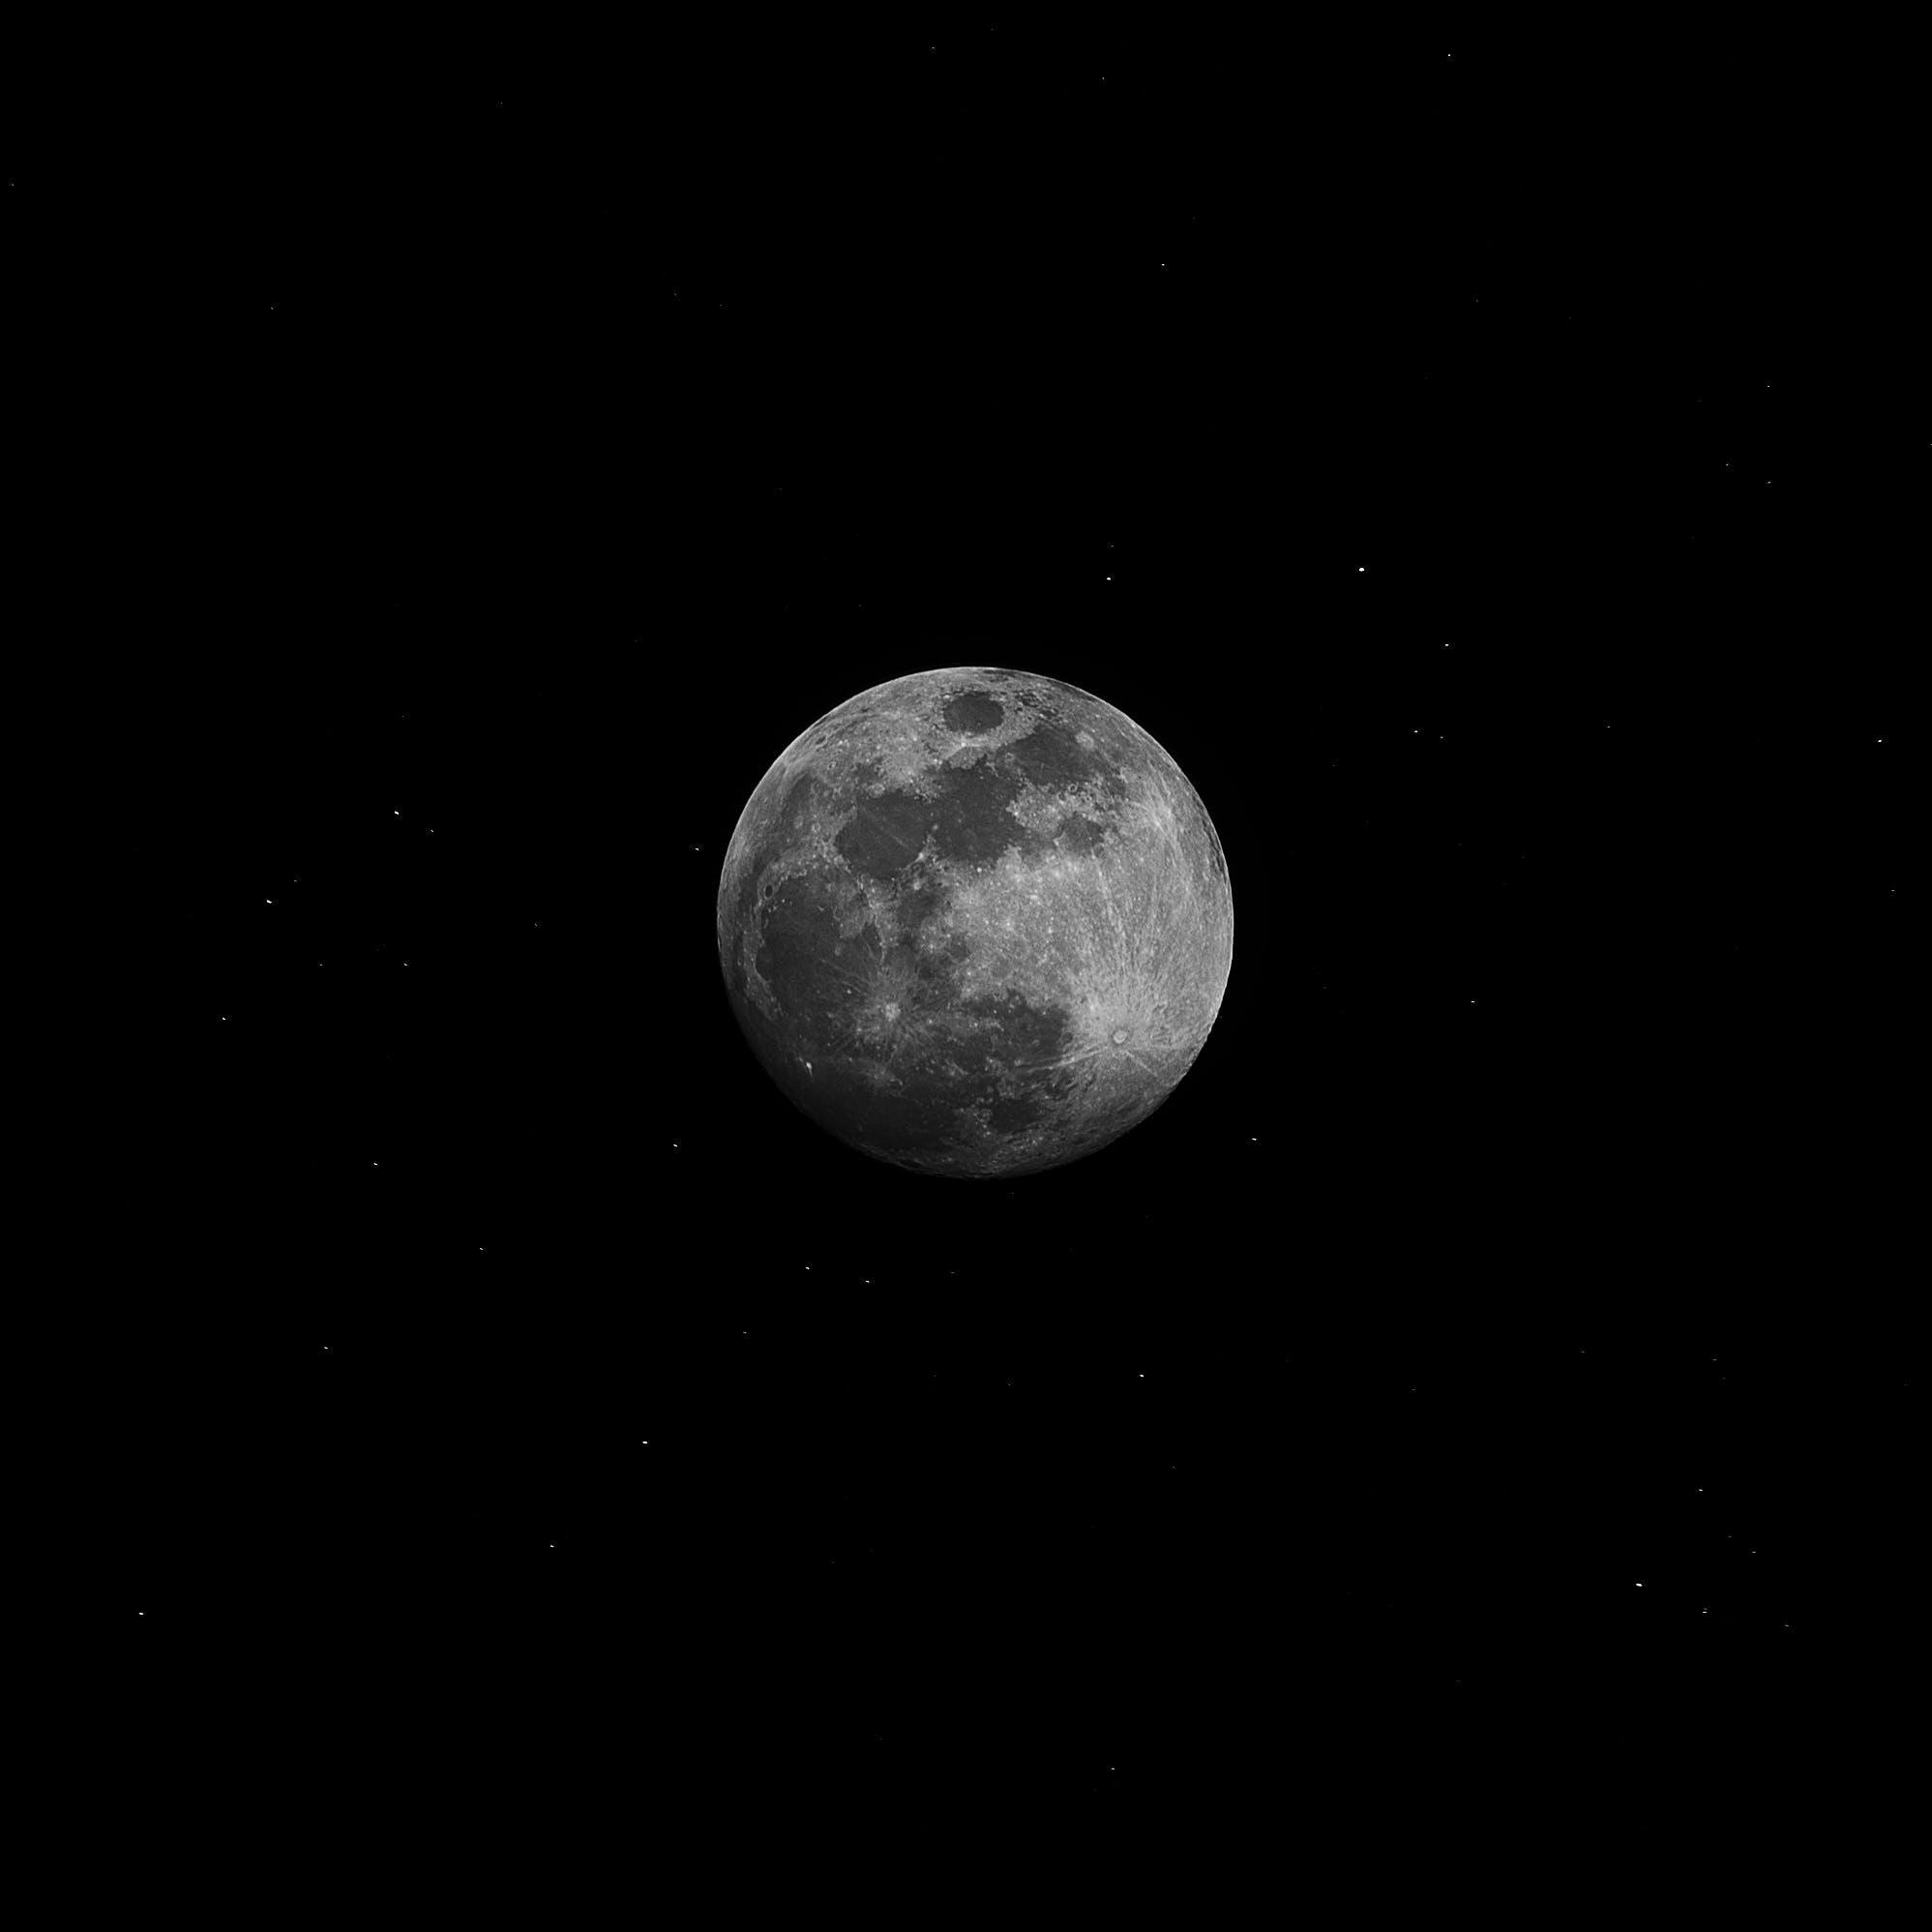 Gratis stockfoto met astrologie, astronomie, donker, krater